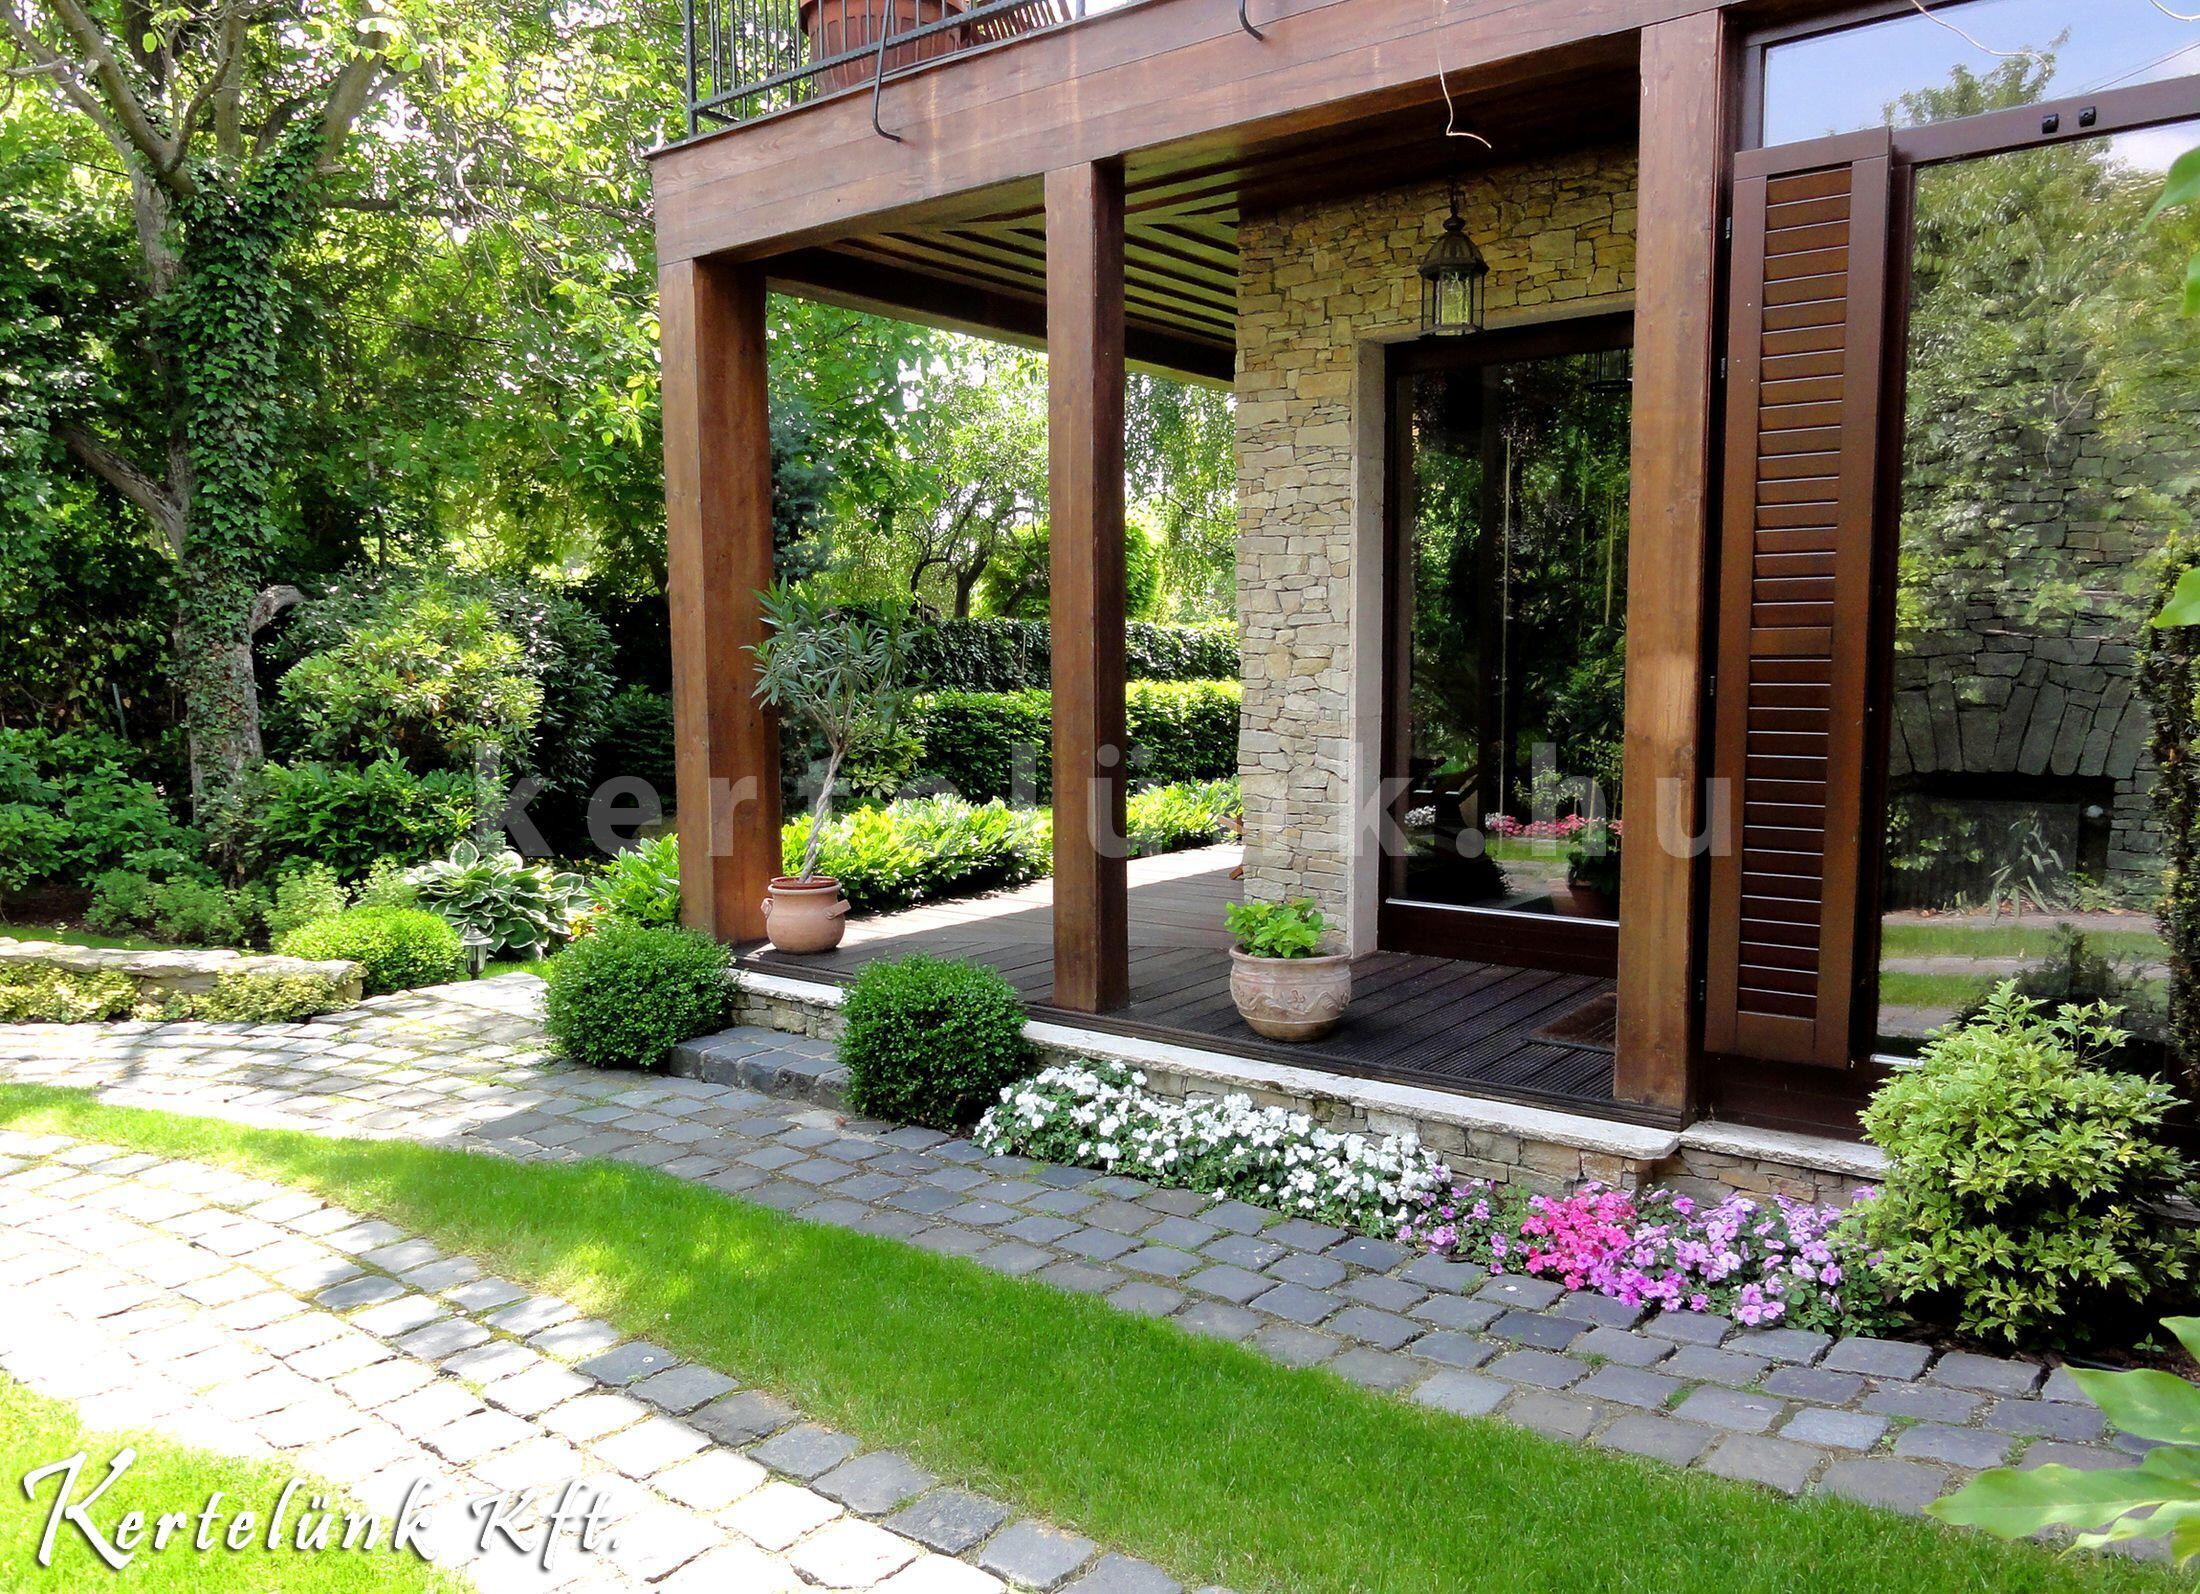 Mediterrán stílusú ház és kert.